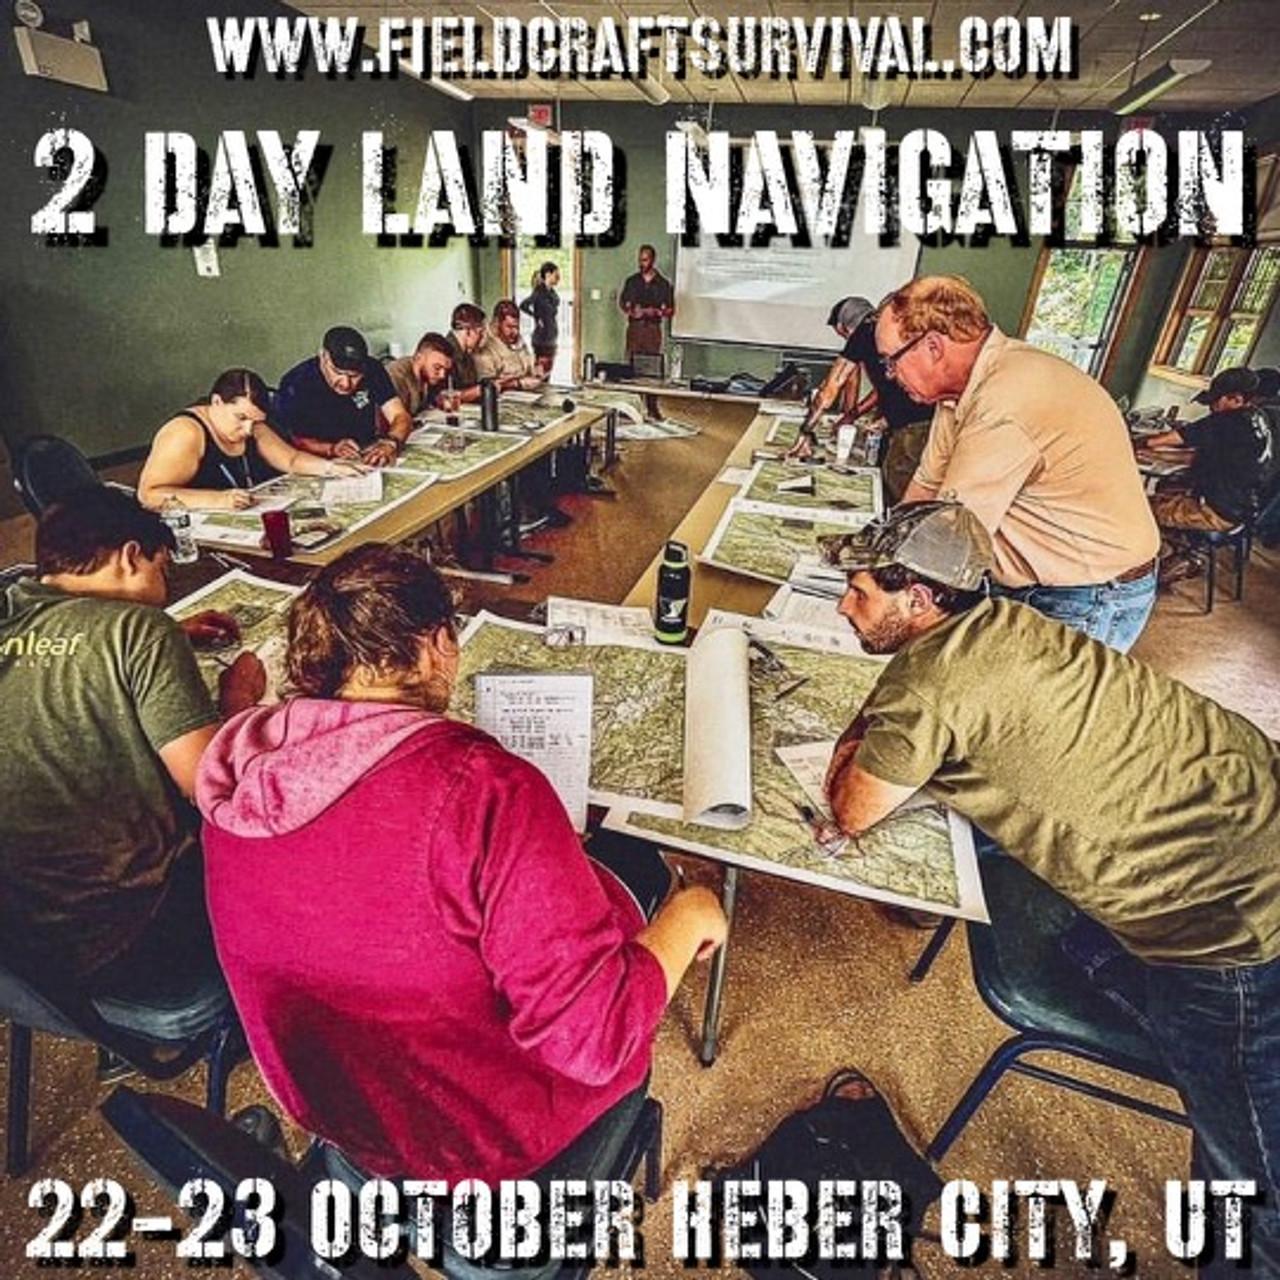 2 Day Land Navigation: 22-23 October 2021 (Heber City, UT (HQ)